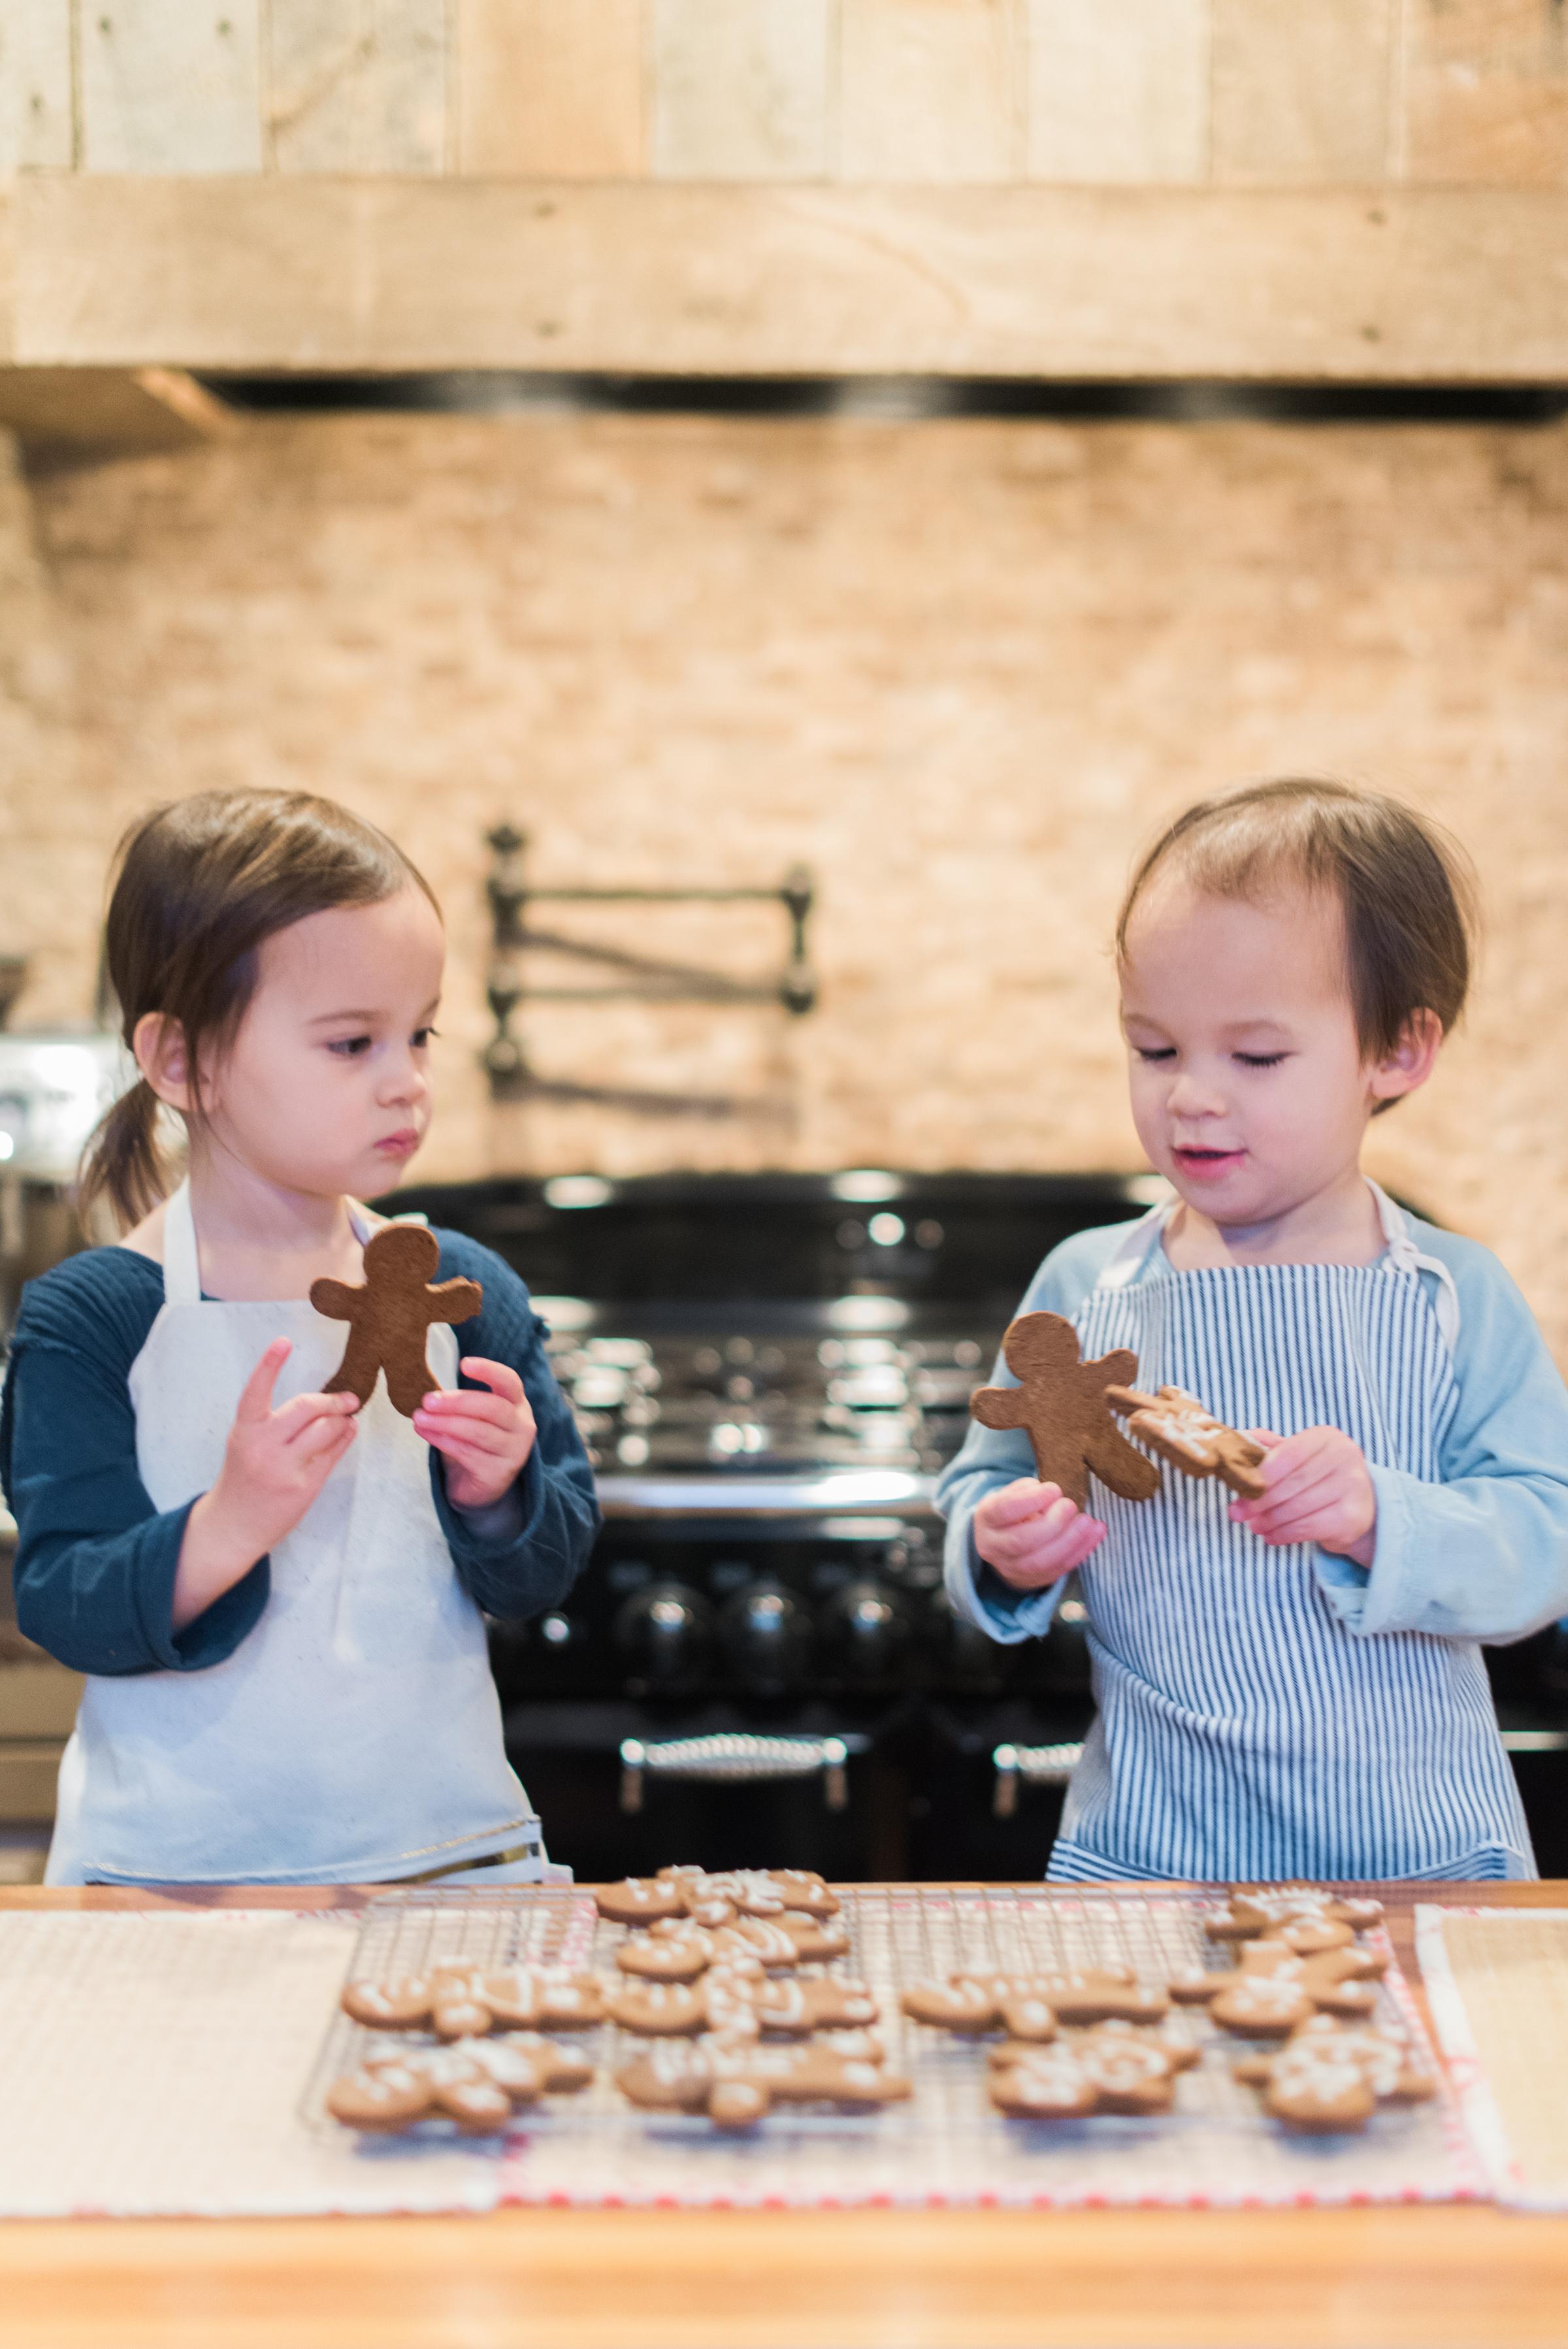 Our favorite little helpers eyeing their freshly baked gingerbread cookies!